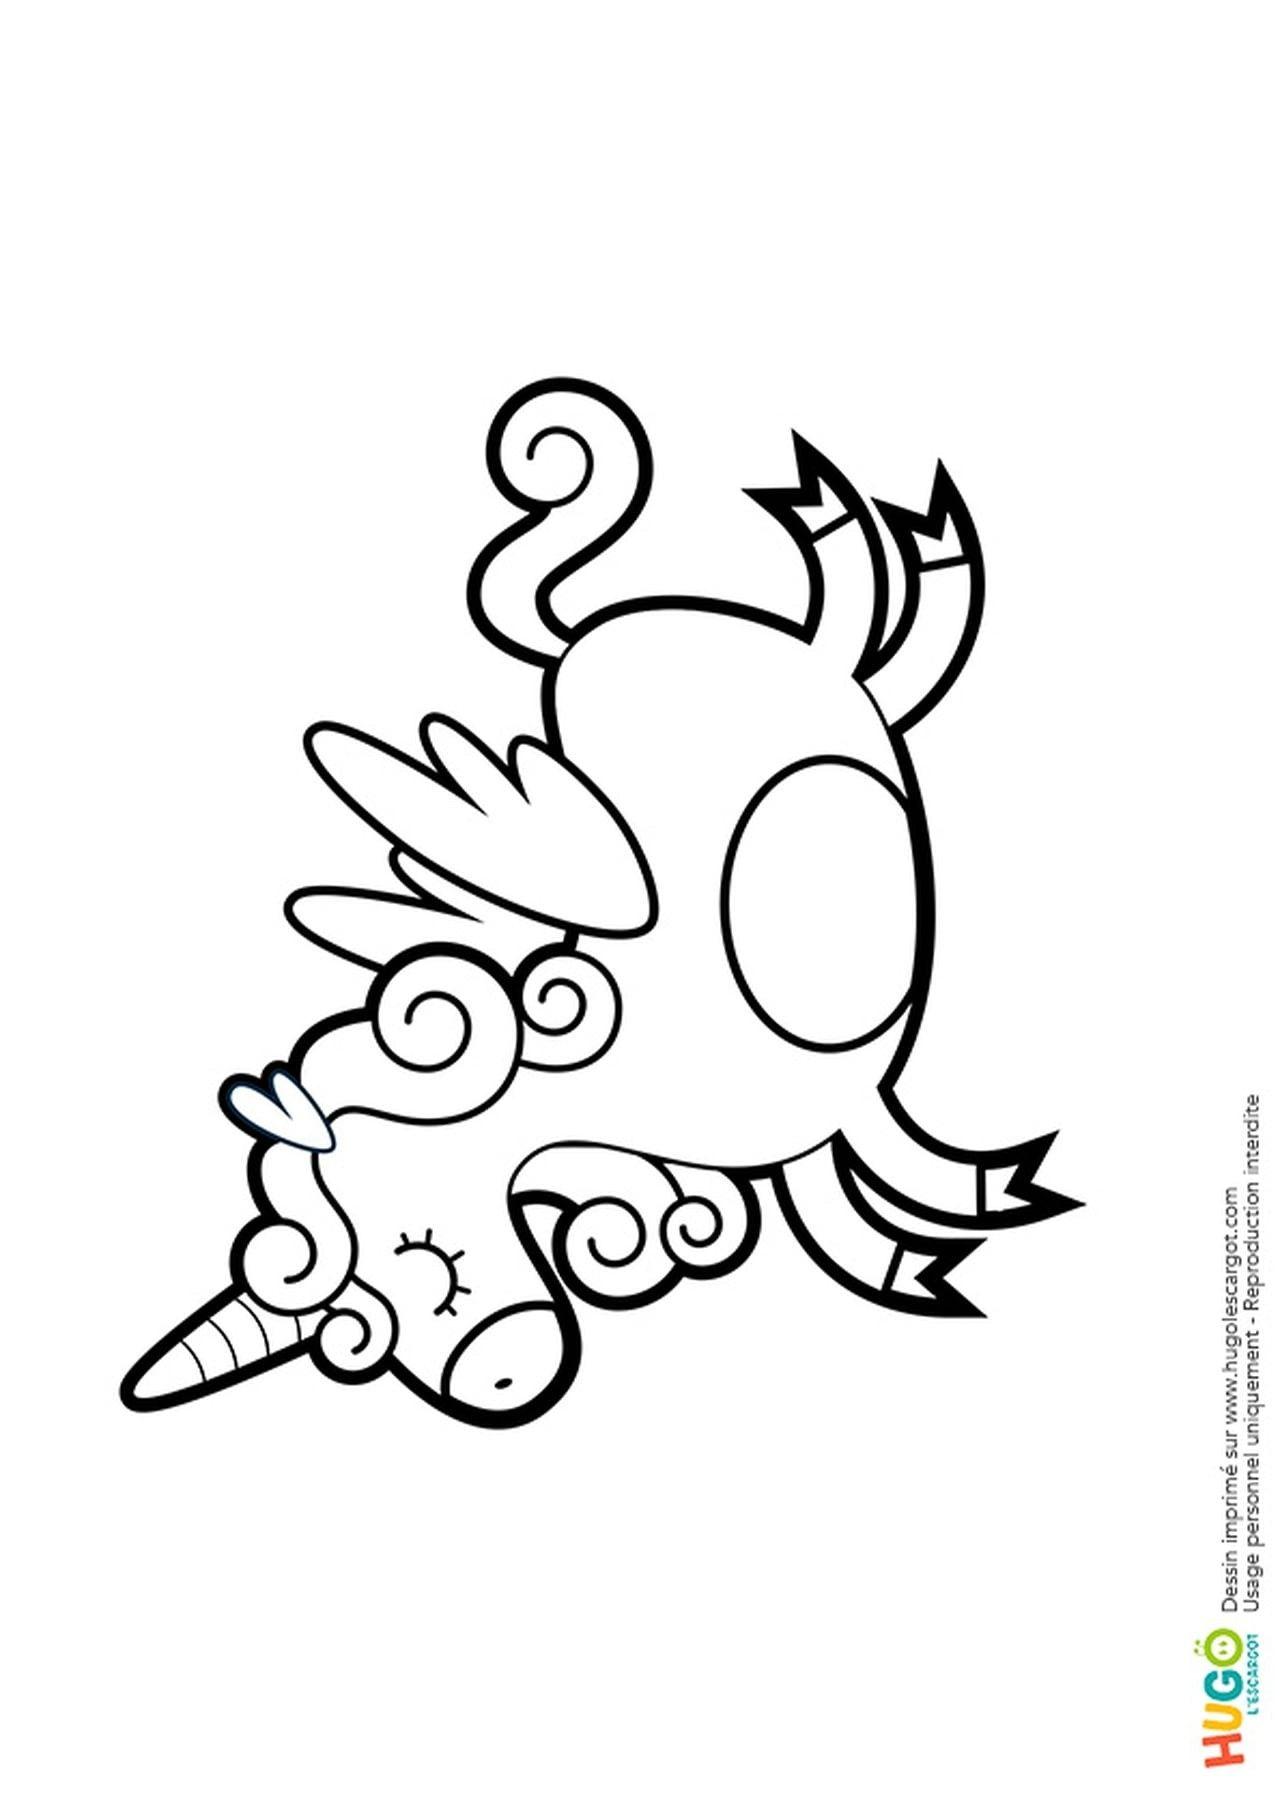 Coloriage Licorne Kawaii En Ligne Gratuit Imprimer Avec 10835753 Et Dessin Kawaii Licorne A Imprimer 27 1280x1811px Dessin Kawai Coloring Pages Art Sticker Tag